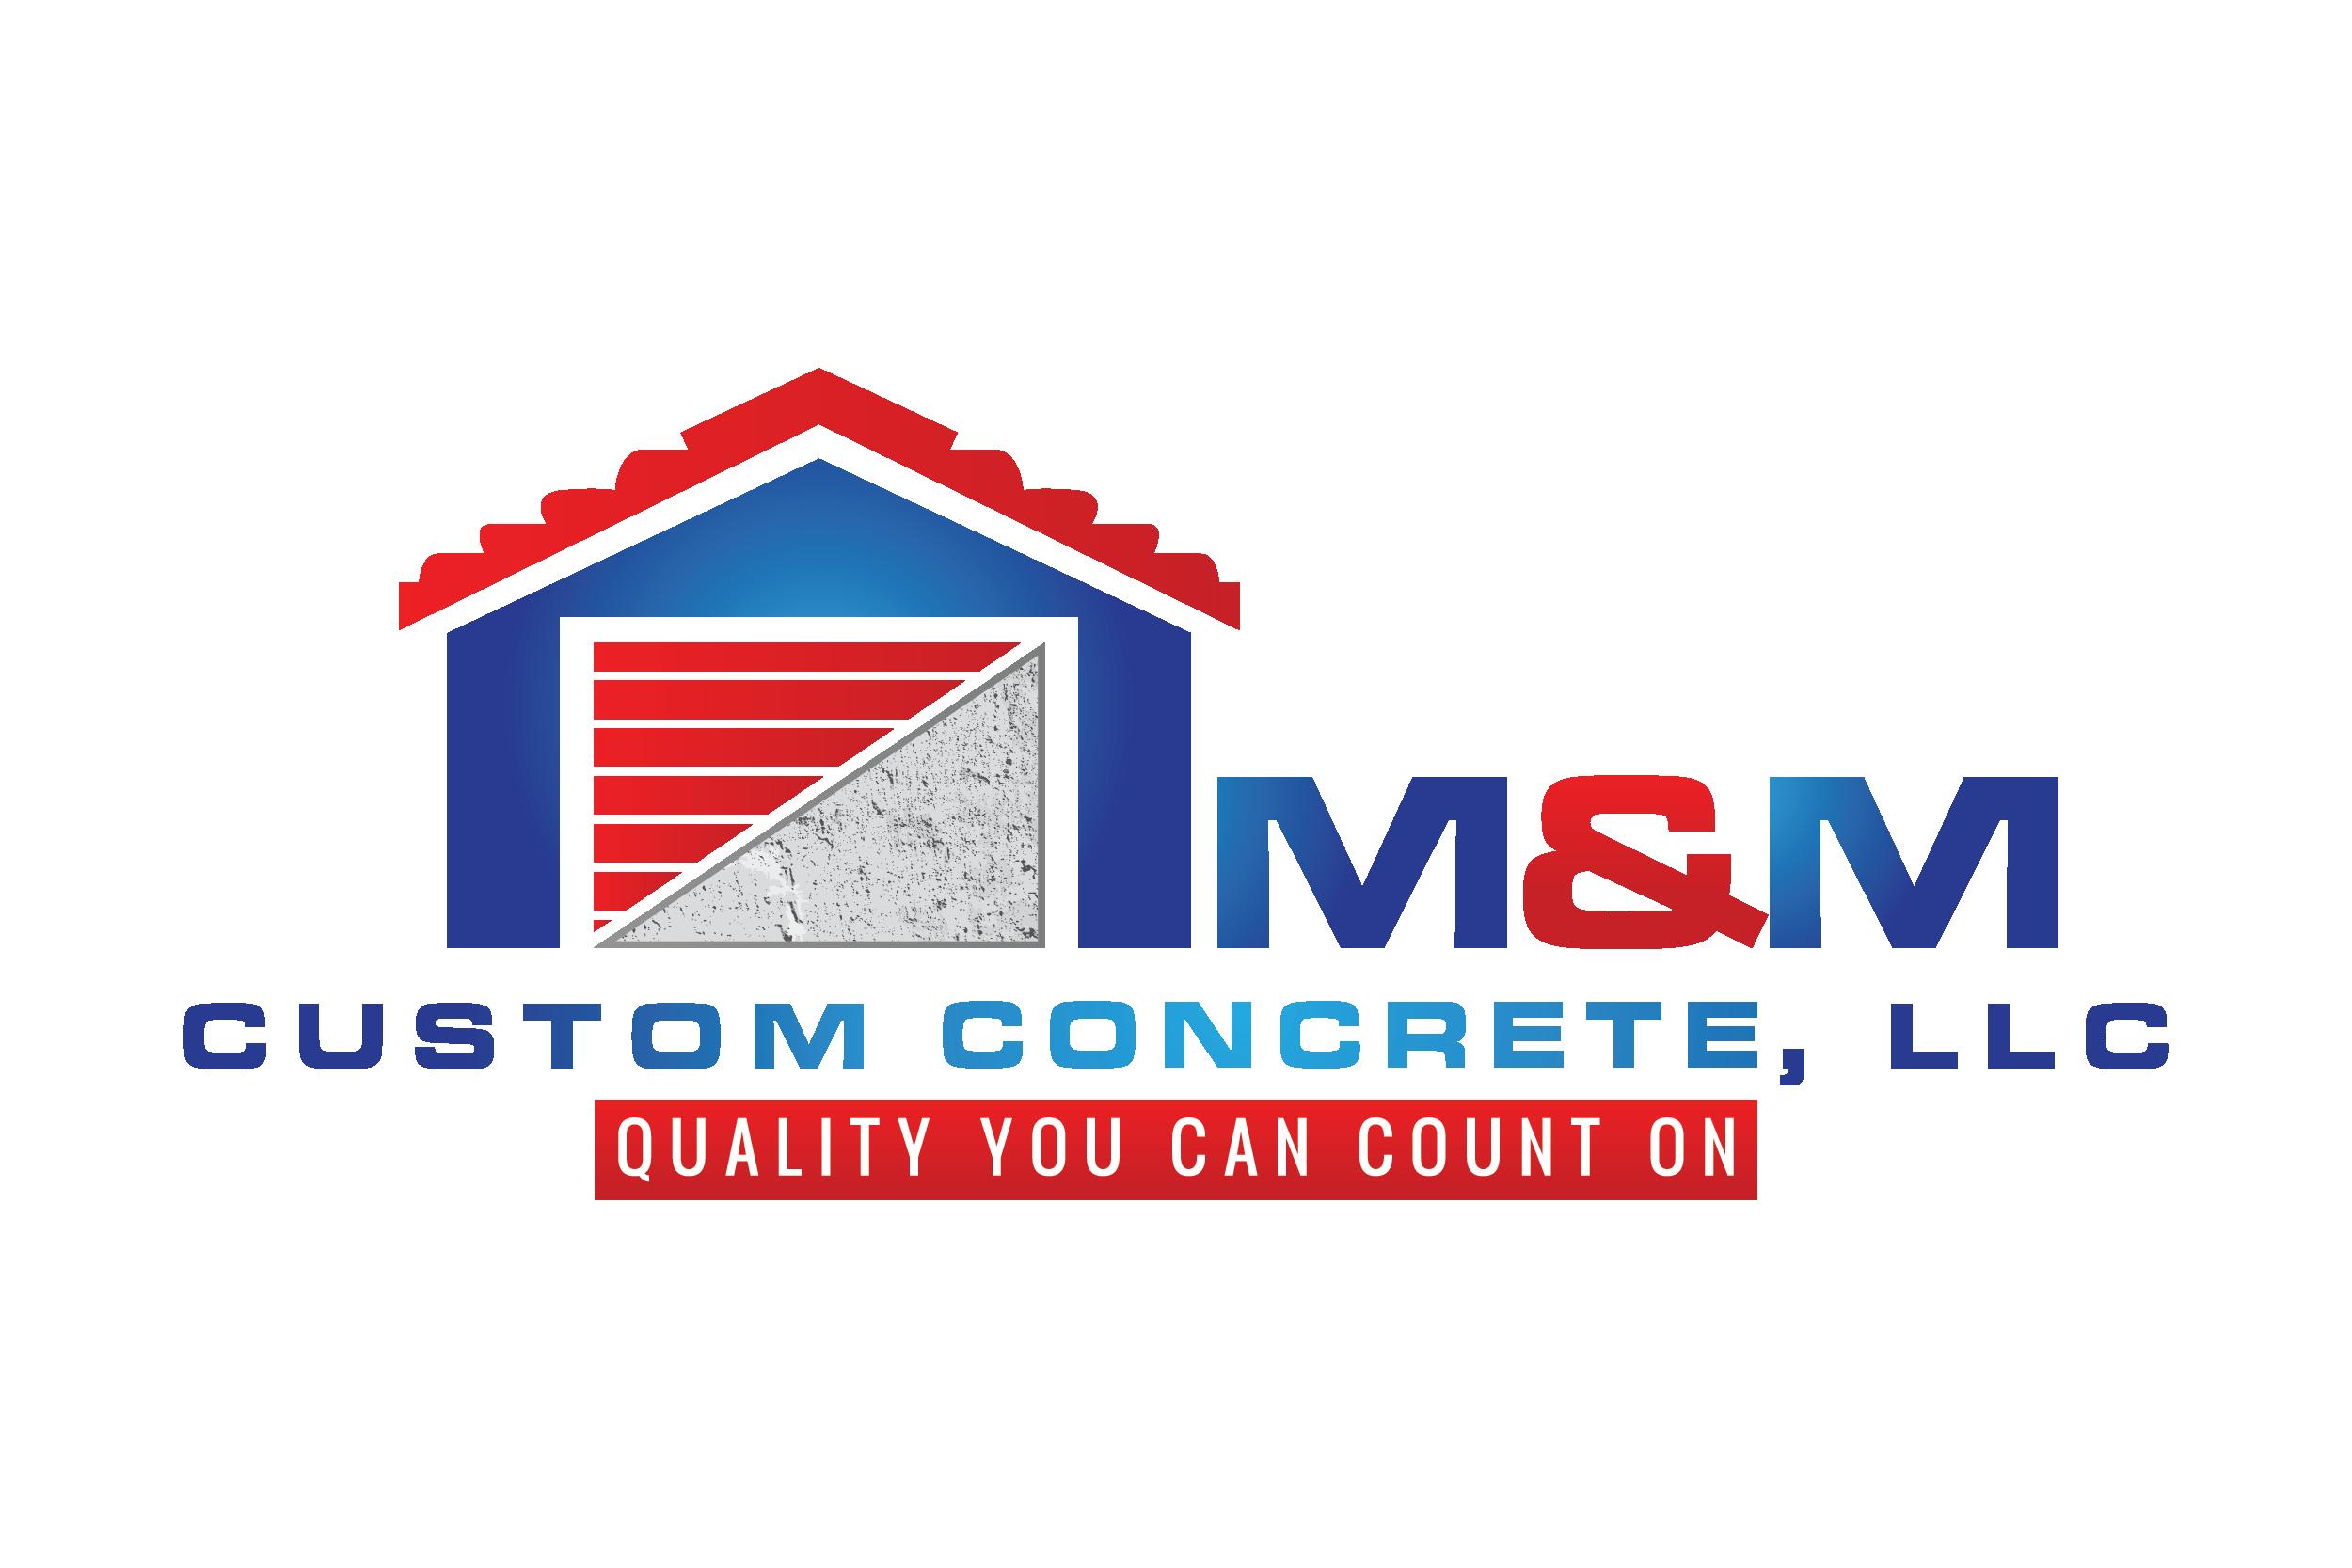 M&M Custom Concrete